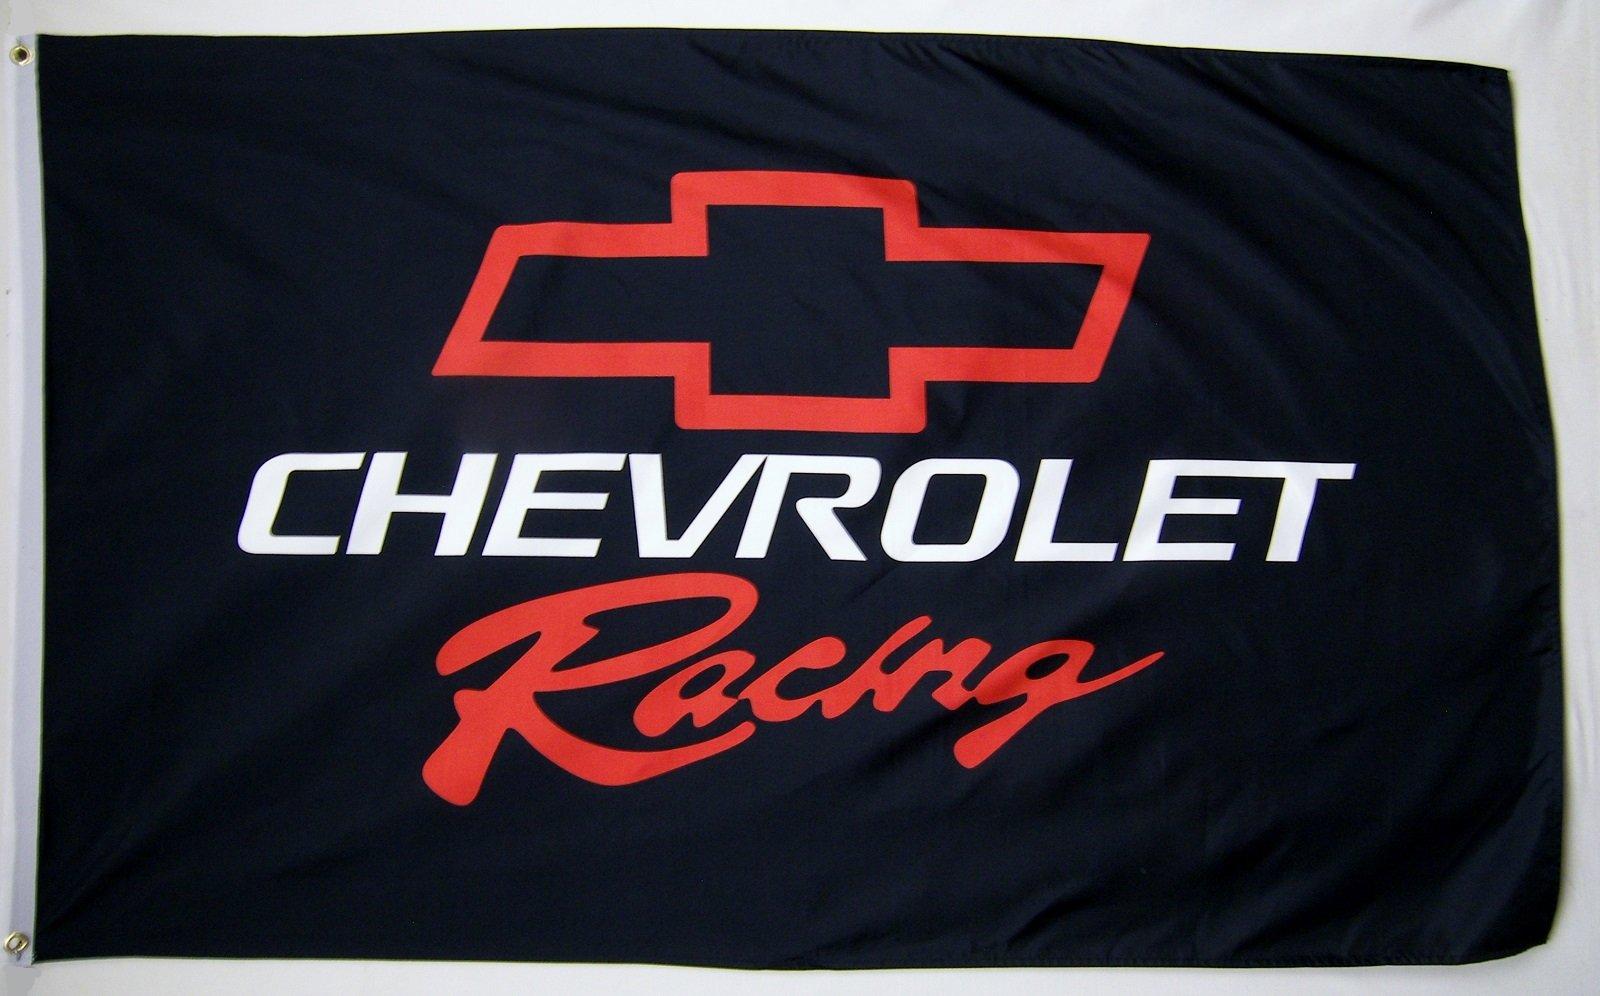 Chevrolet Racing Car Flag 3' X 5' Indoor Outdoor Automotive Banner